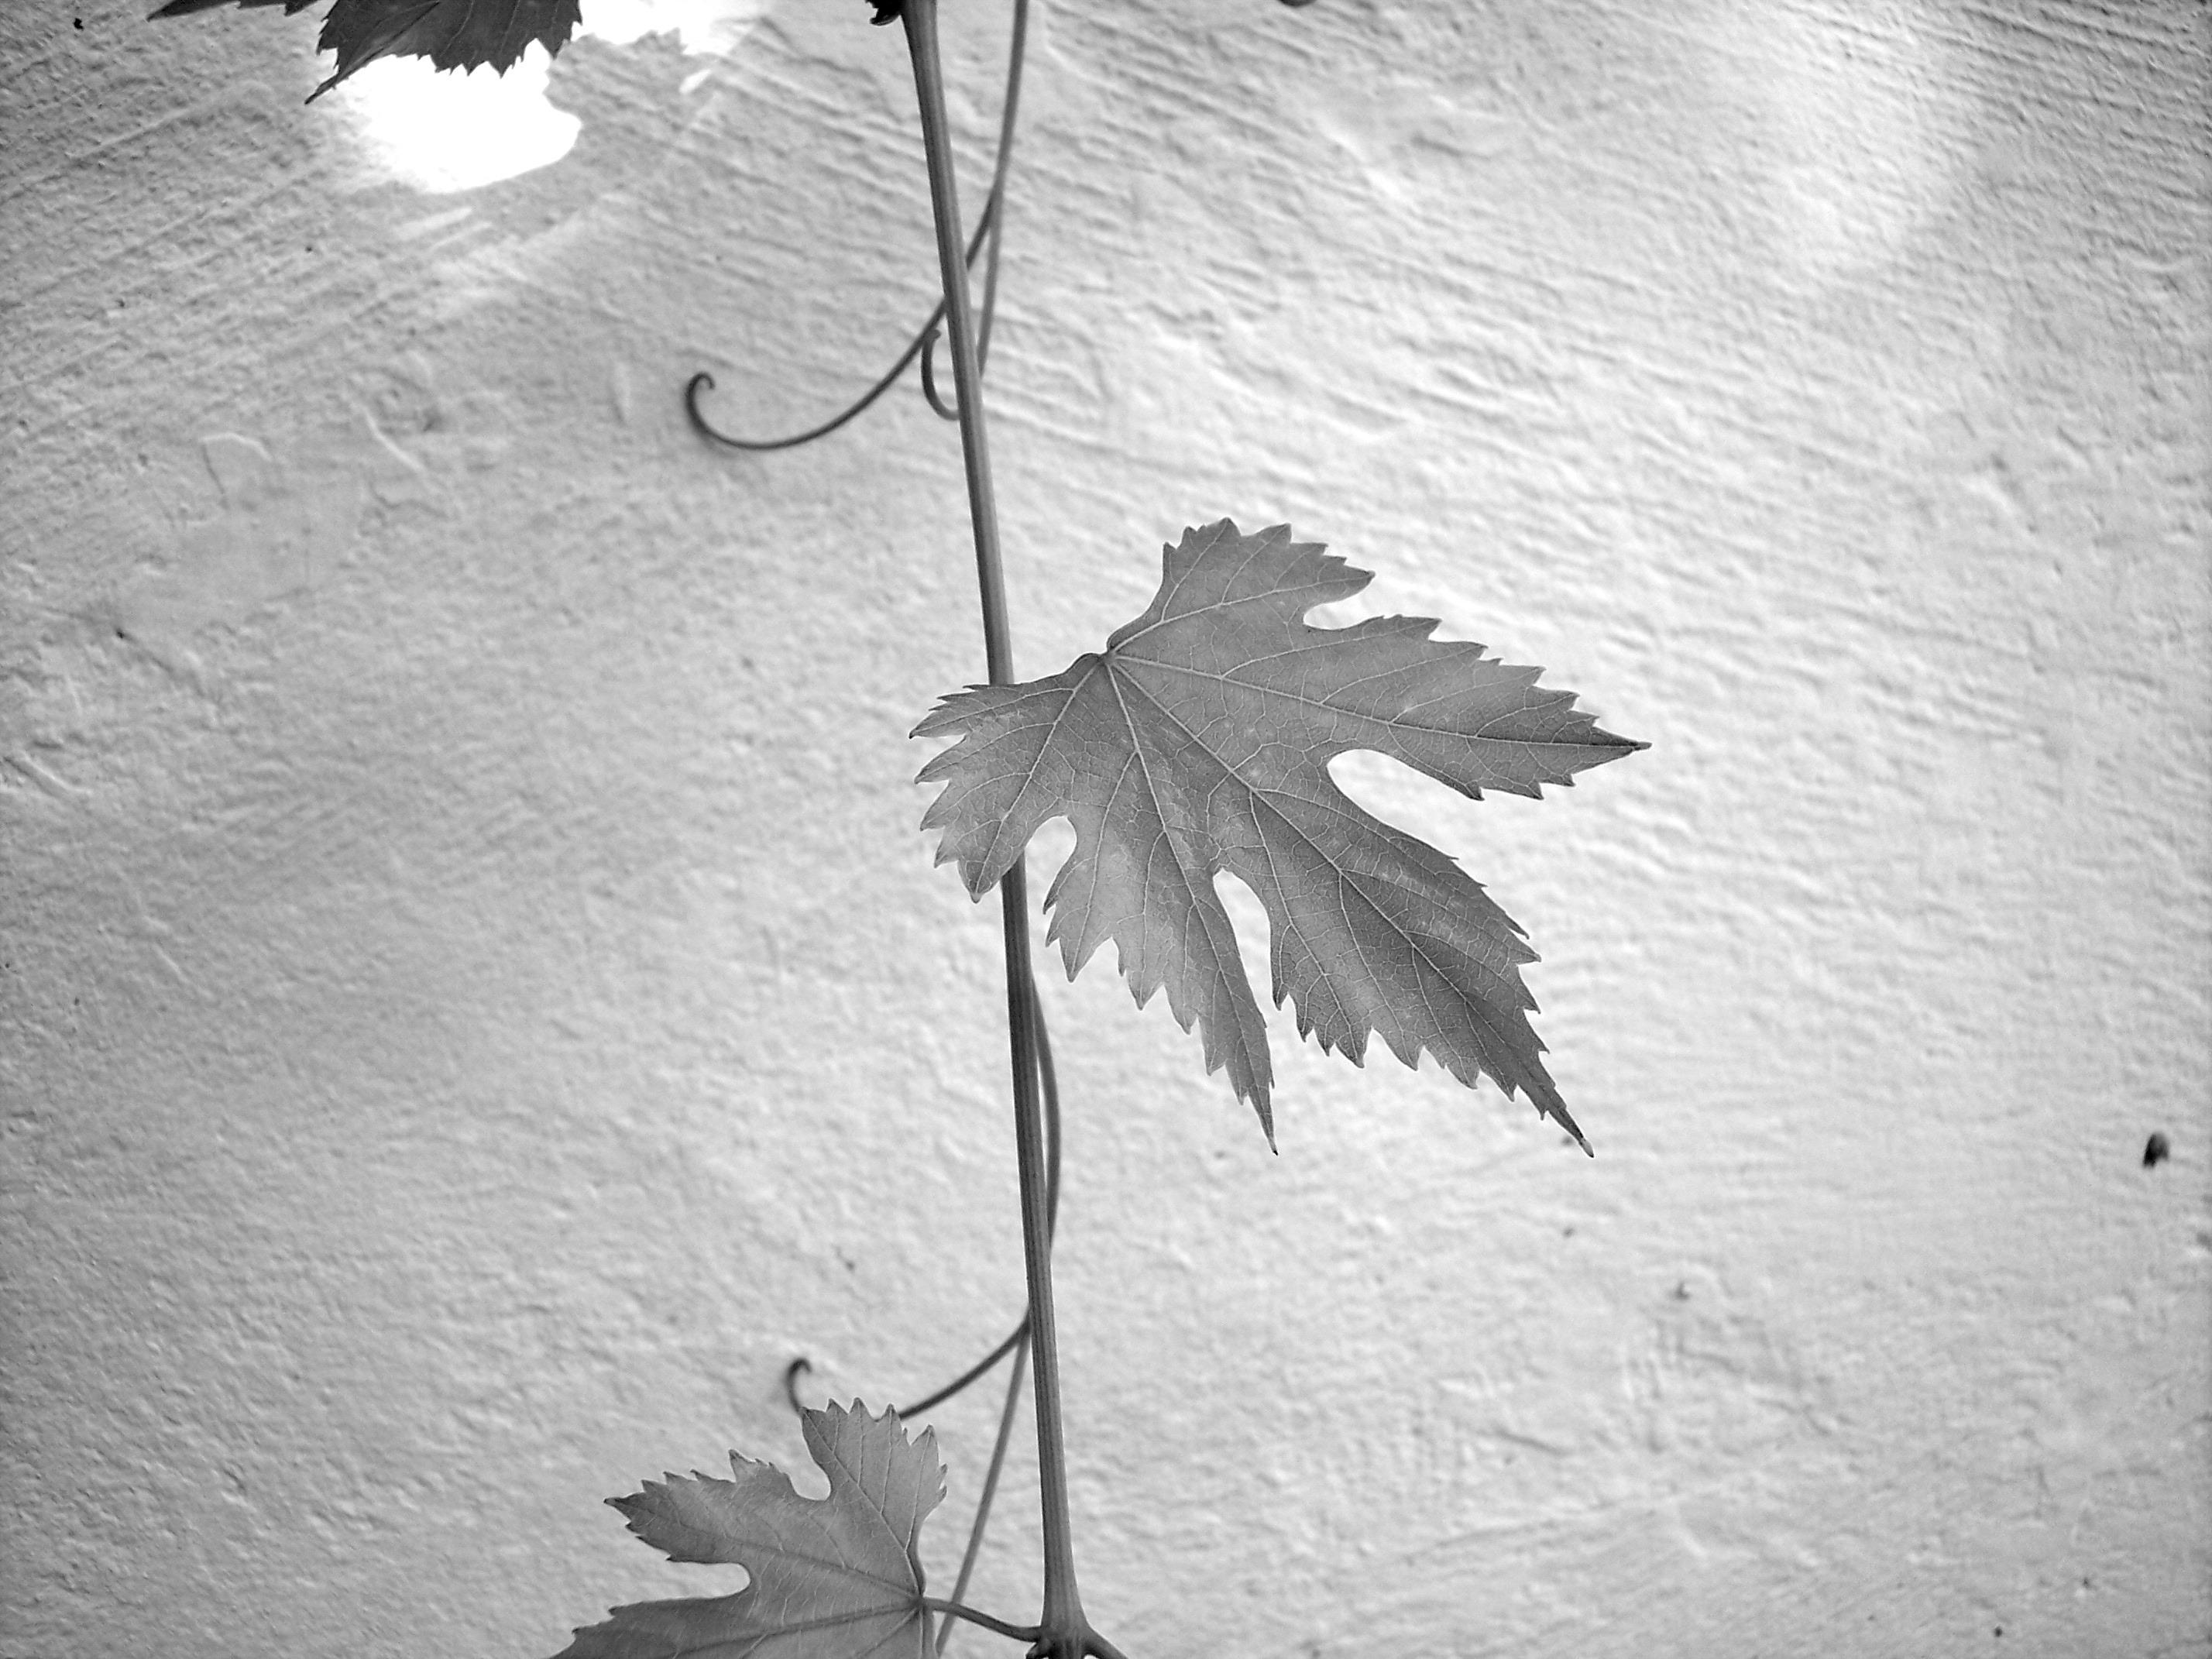 Gambar Pohon Cabang Musim Dingin Sayap Hitam Dan Putih